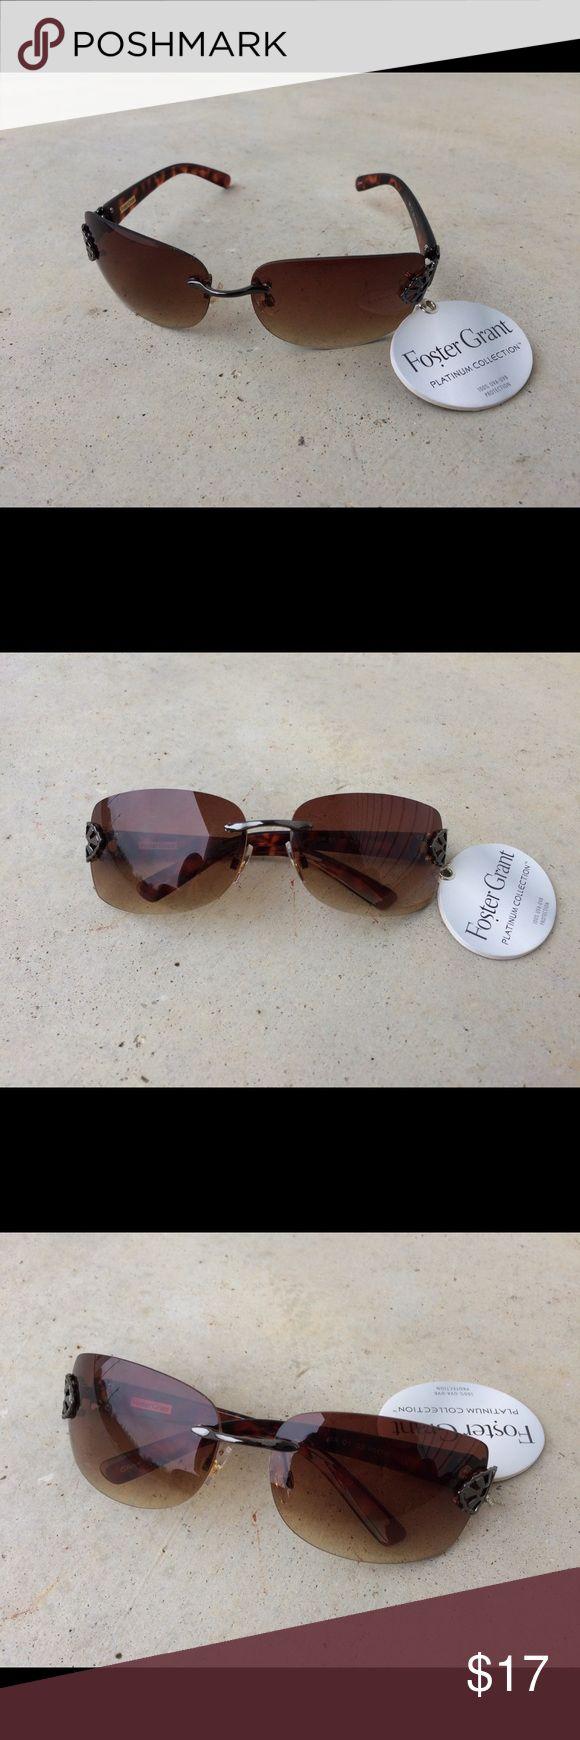 Foster grant sunglasses women eye wear brown shade Foster grant sunglasses women eye wear brown shade Foster Grant Accessories Sunglasses